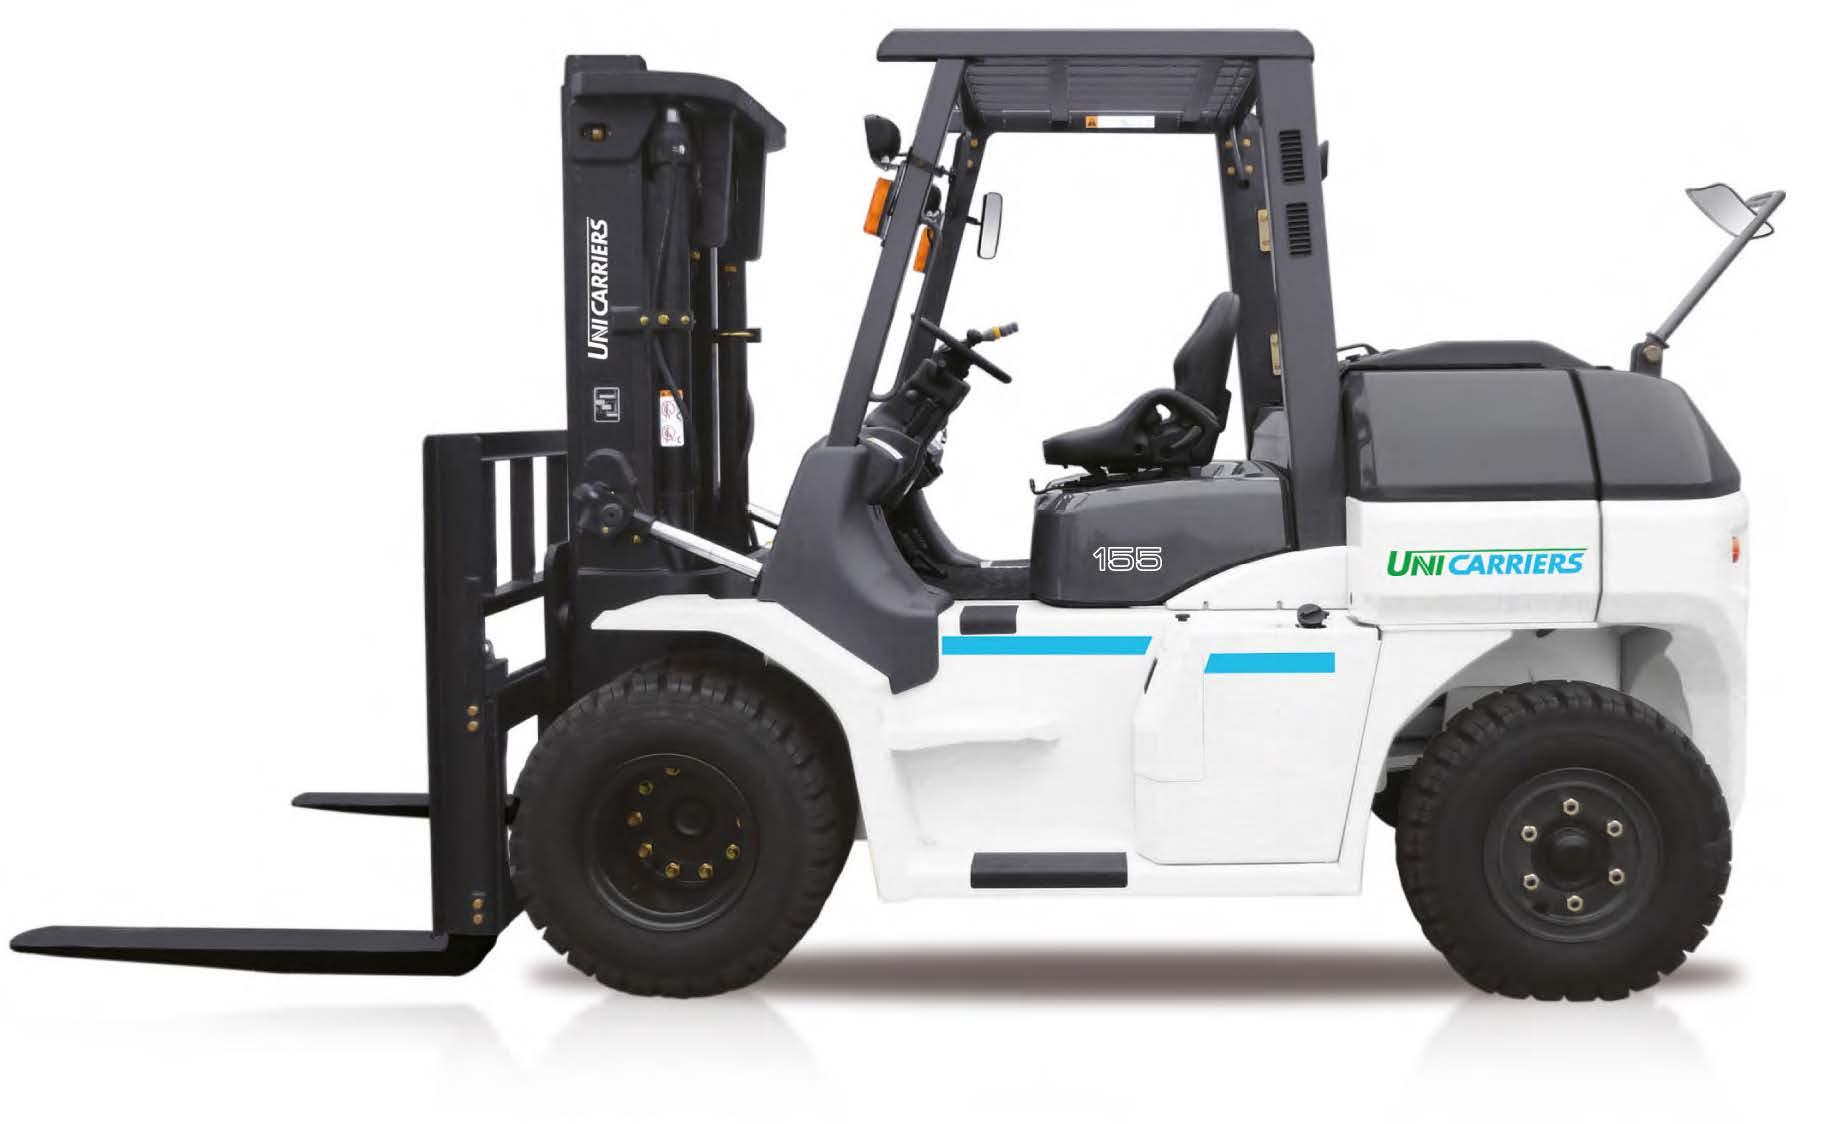 high capacity forklift, high capacity forklifts, heavy duty forklift, heavy duty forklifts, big forklifts, large forklifts